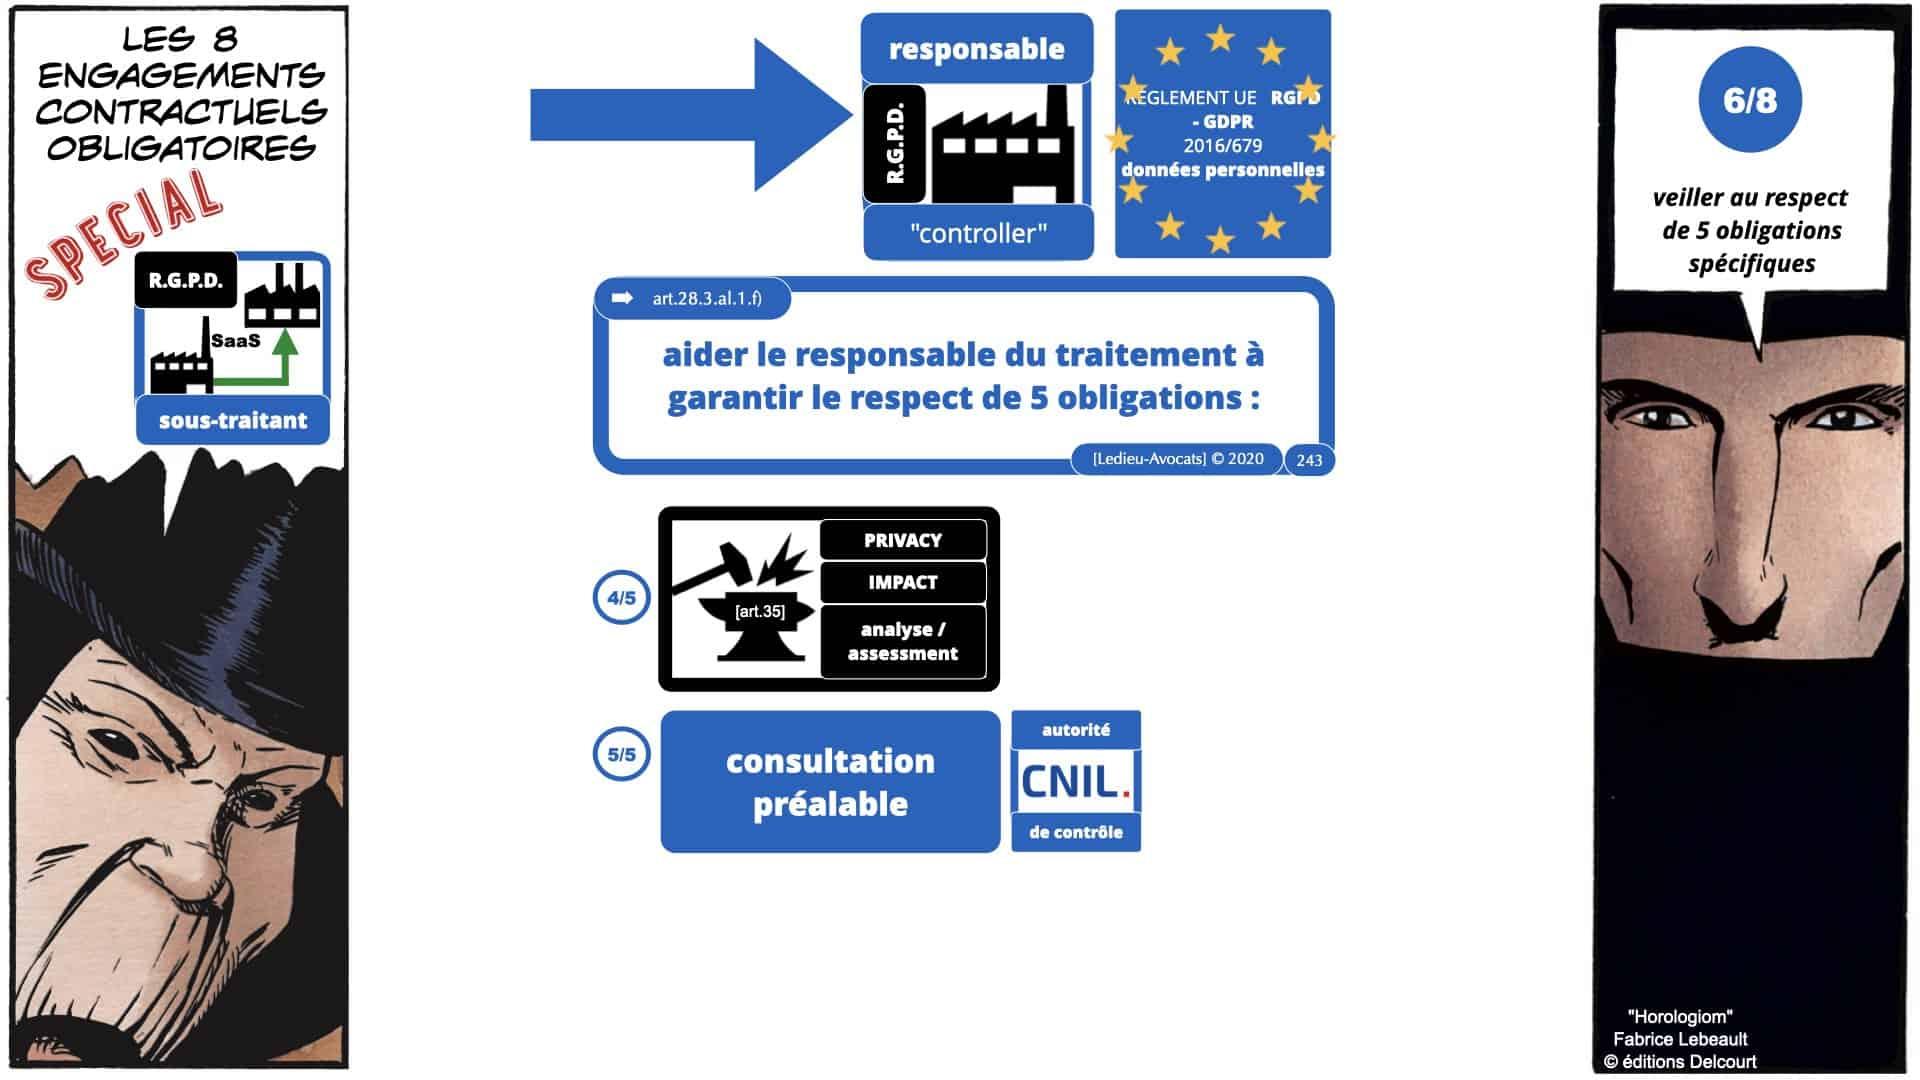 RGPD e-Privacy données personnelles jurisprudence formation Lamy Les Echos 10-02-2021 ©Ledieu-Avocats.243